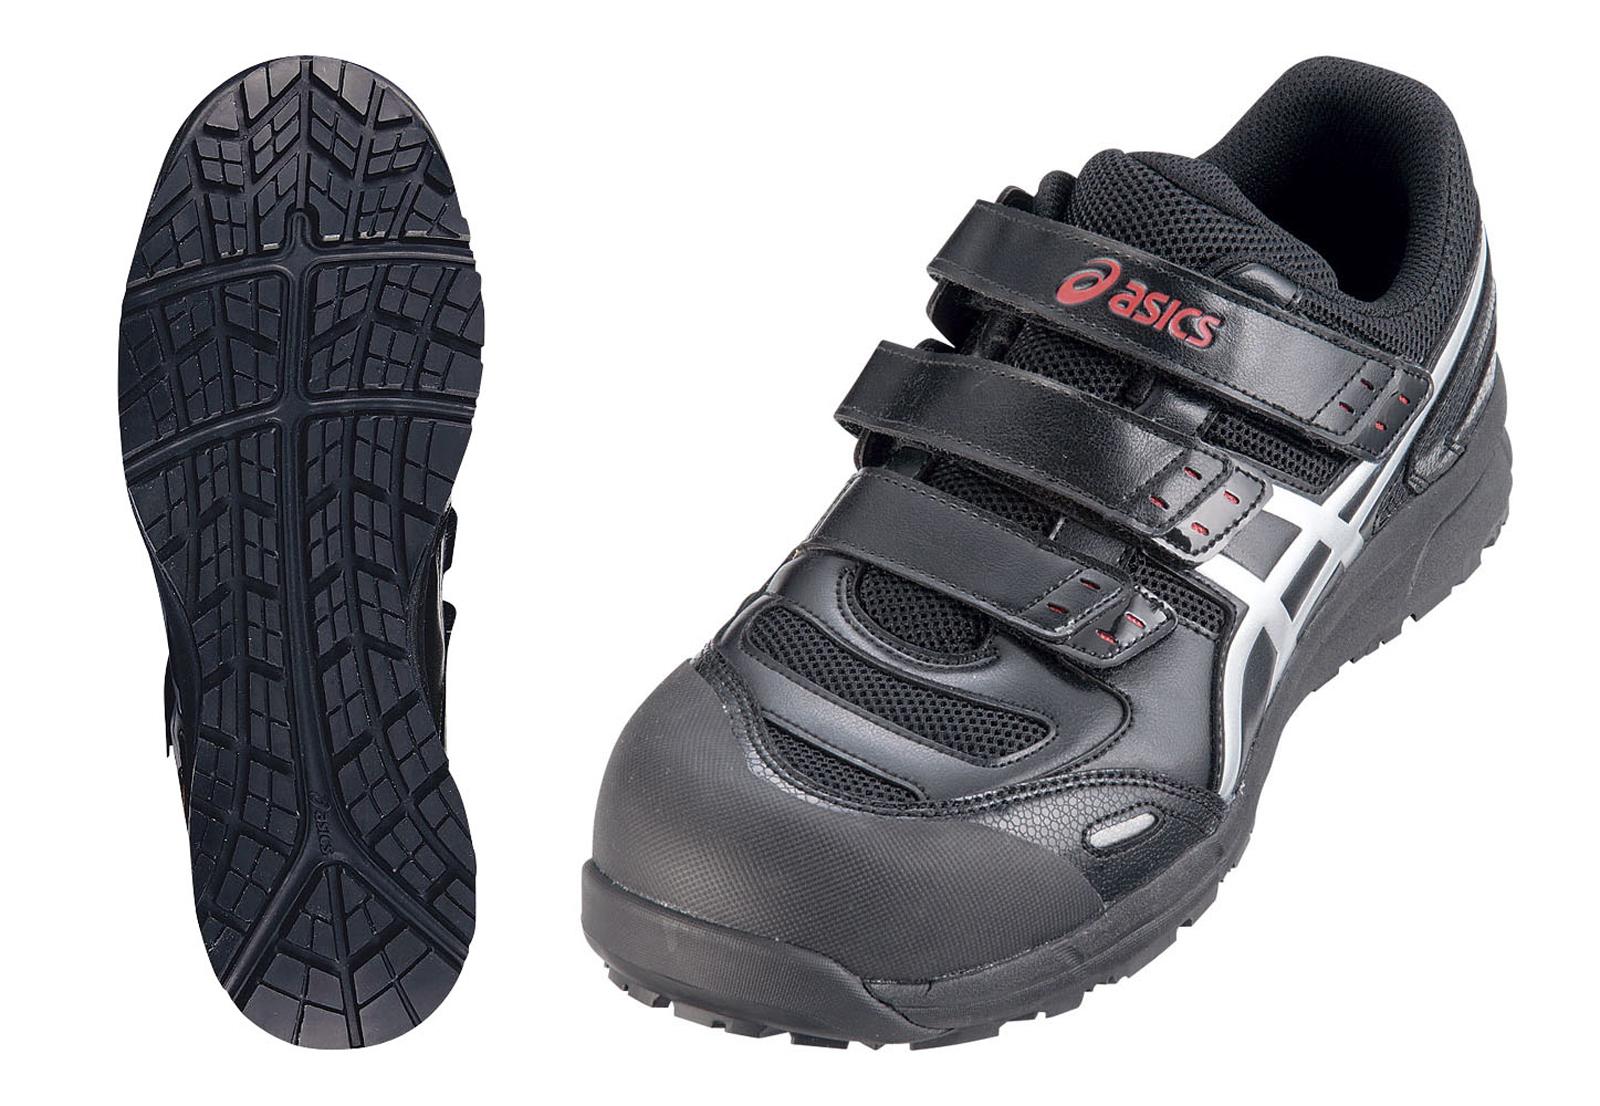 アシックス ウィンジョブ安全靴CP102 BK×シルバー 28.0cm 【厨房用品 長靴 白衣 靴 サンダル スリッパ 業務用 販売 通販】 [7-1369-0709 6-1309-0709 ]